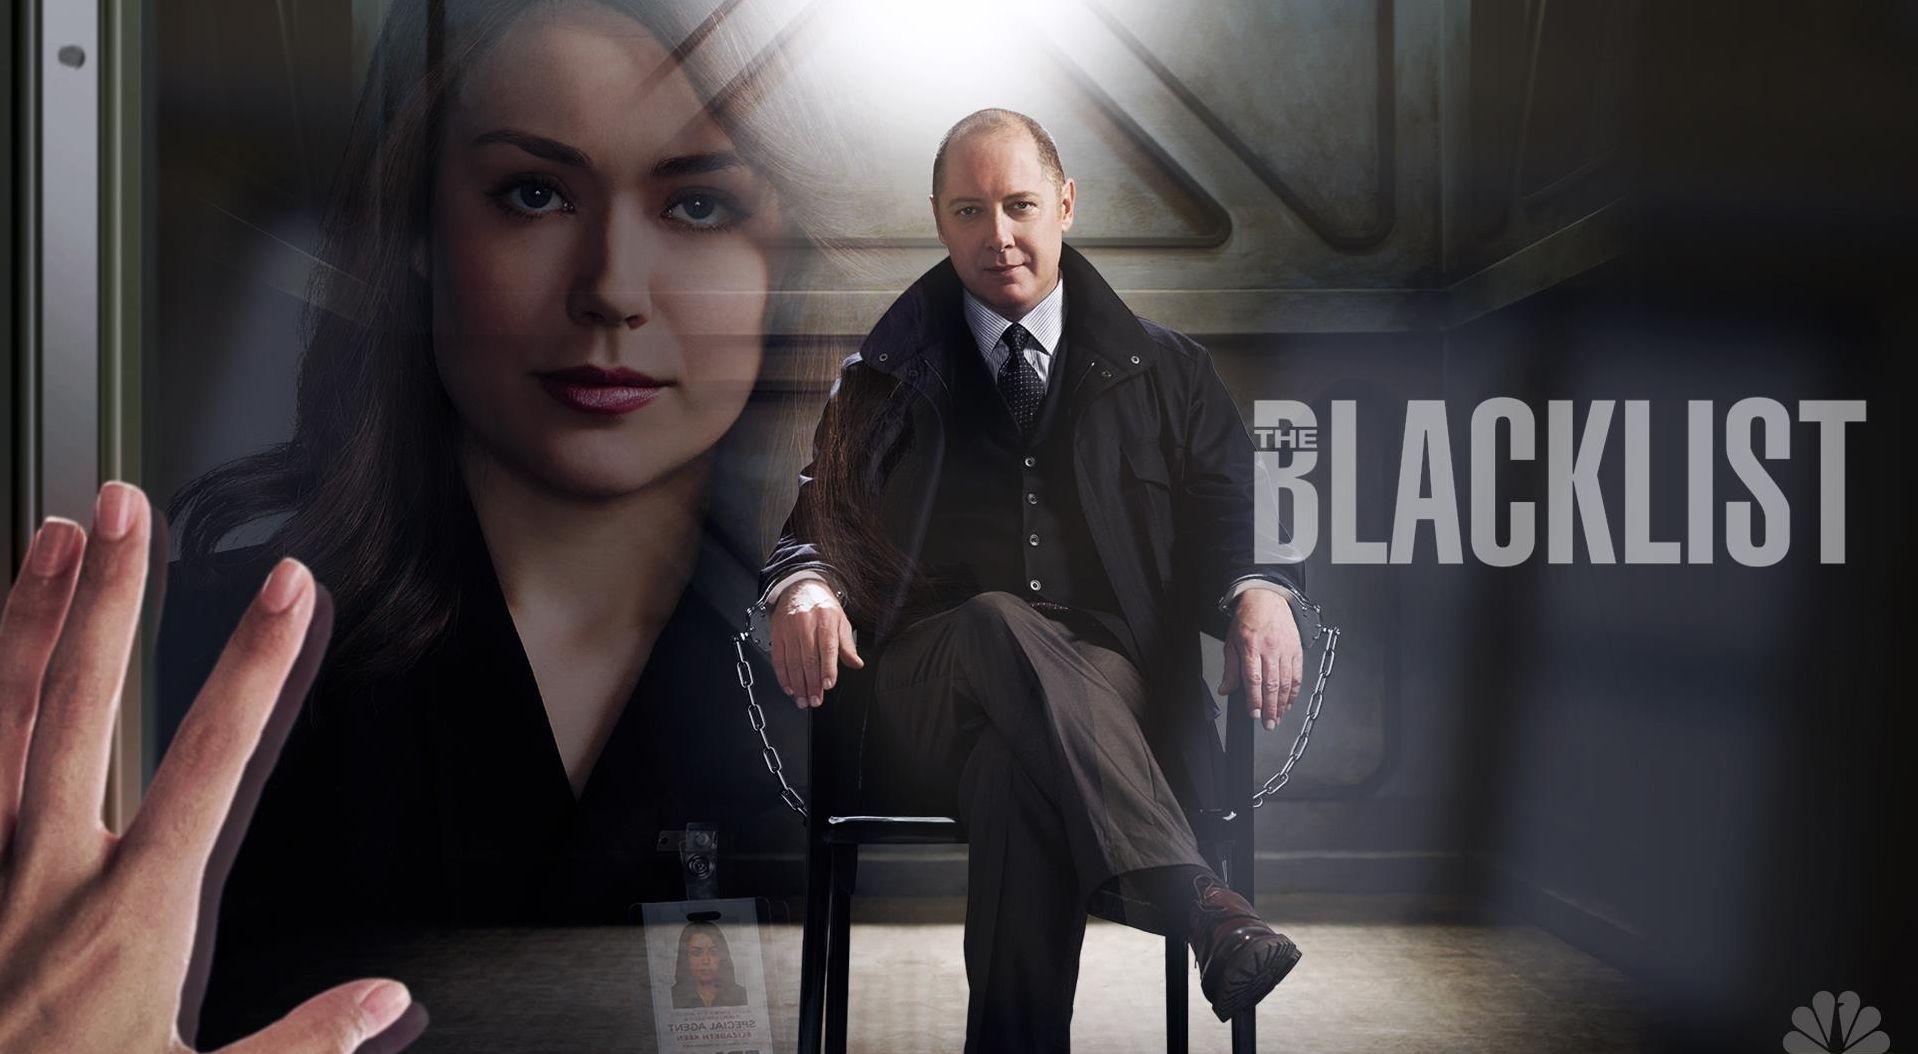 The Blacklist Season 1 Finale - Berlin (No. 8) Conclusion Review